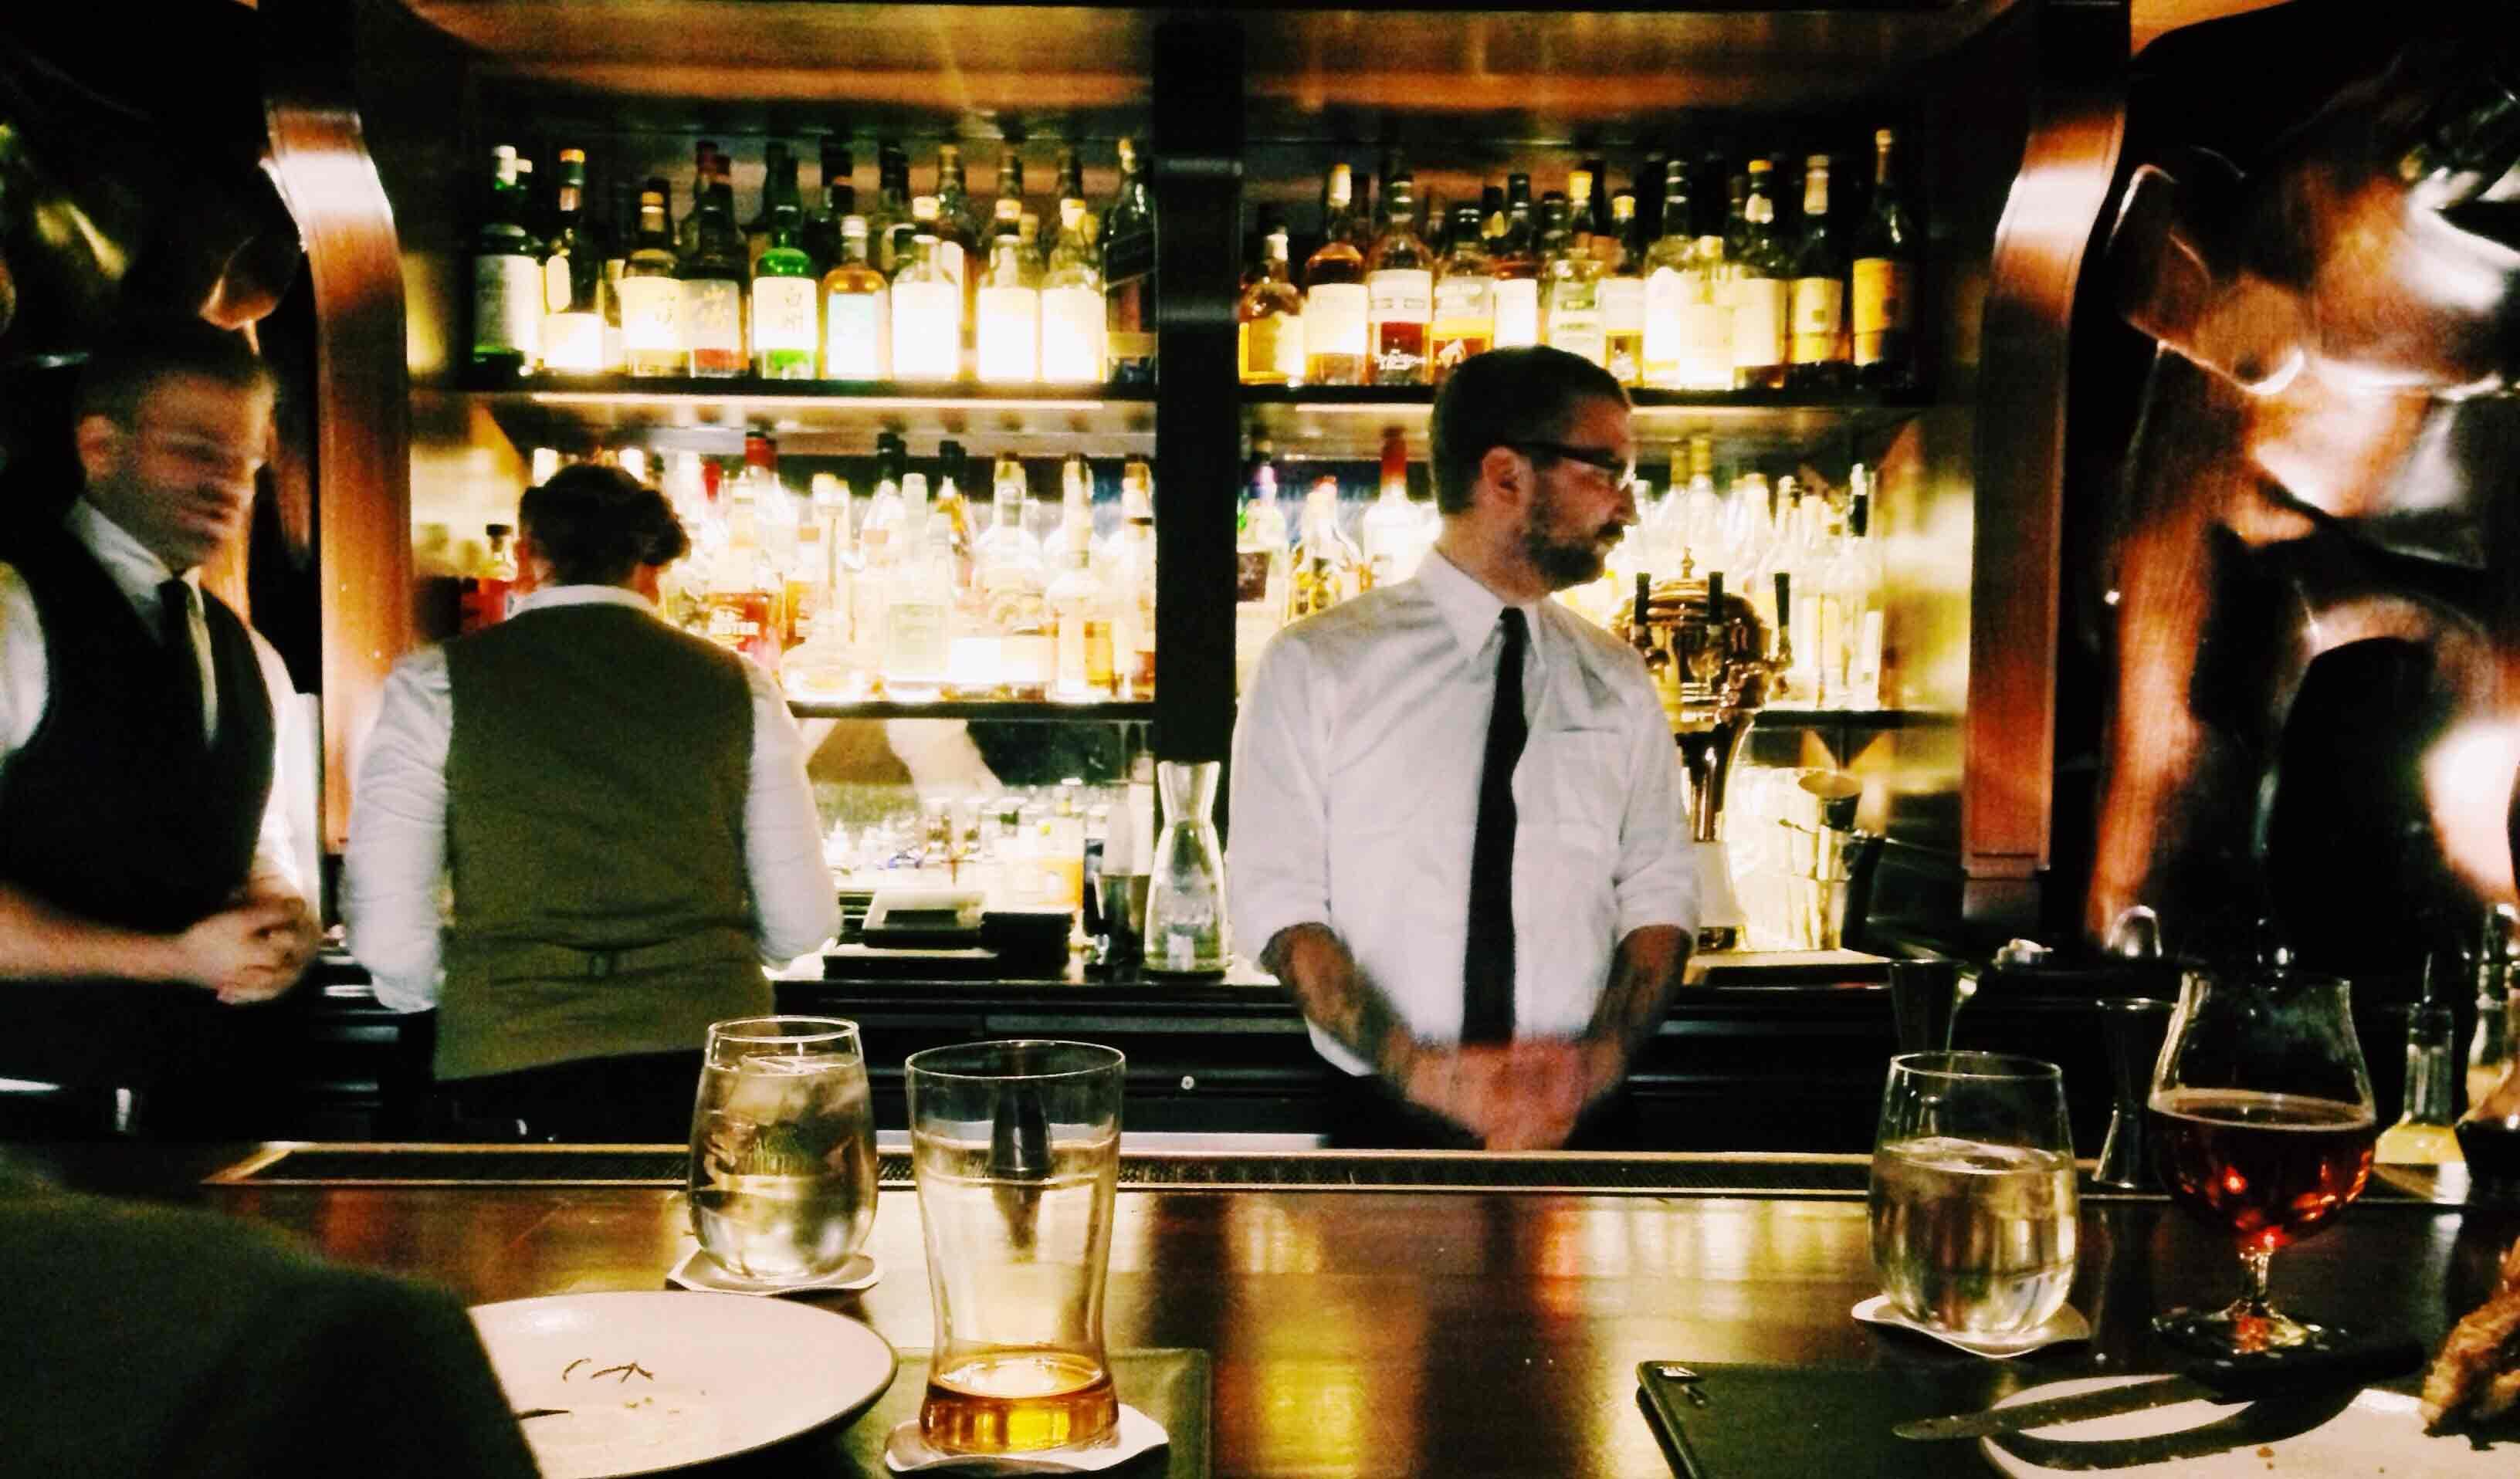 Gestion équipes bar